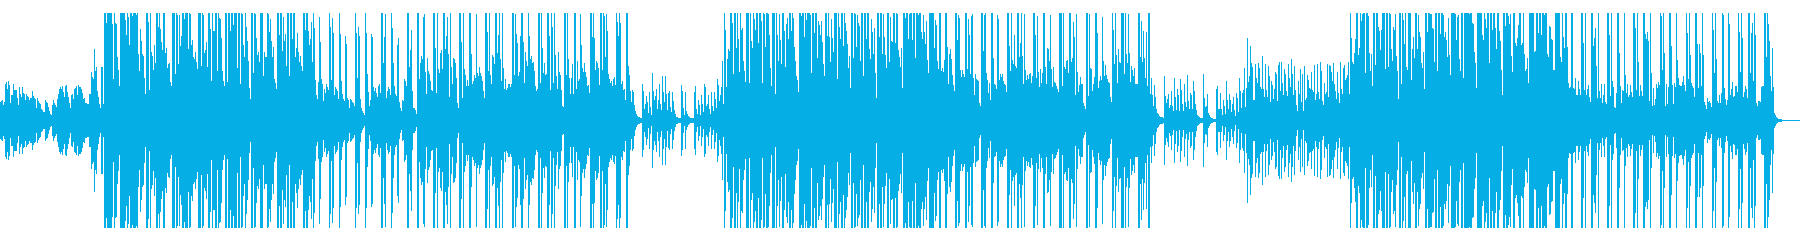 切なく壮大で青春エモなピアノヒップホップの再生済みの波形